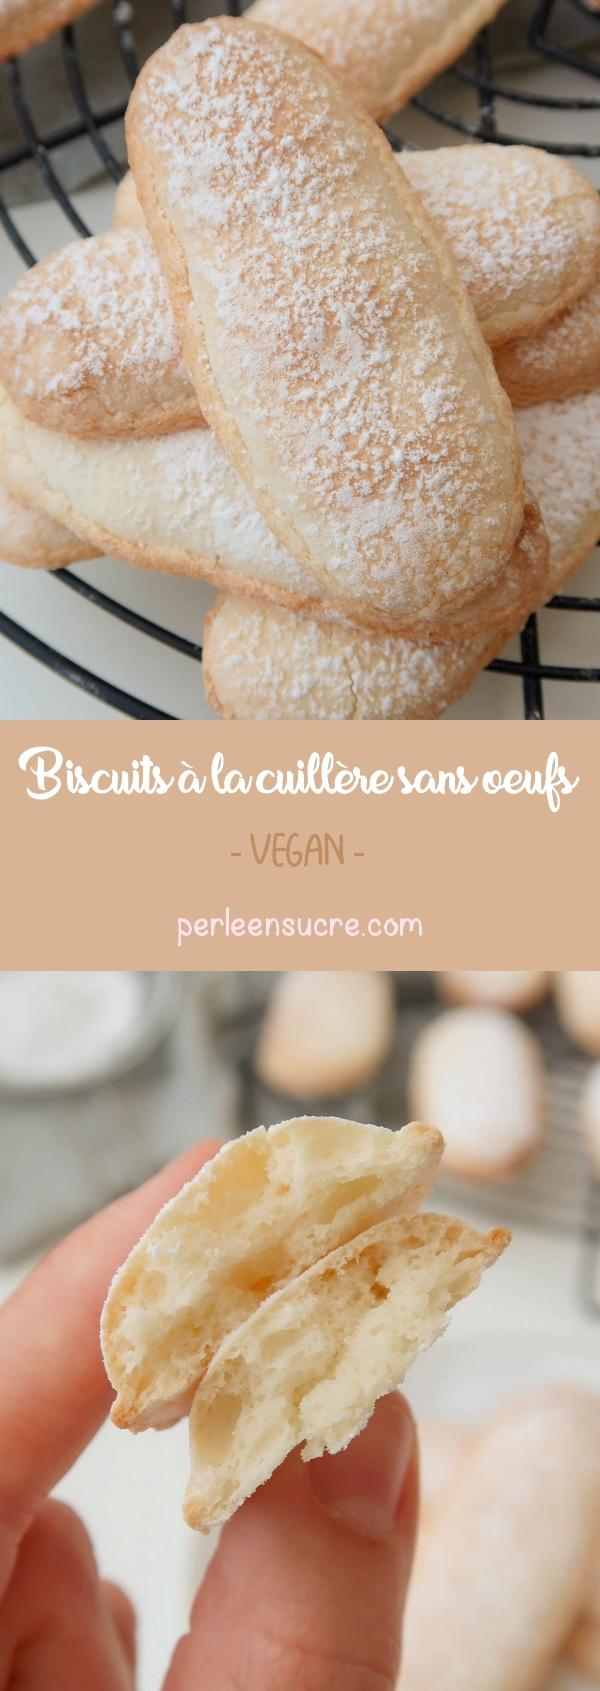 Biscuits à la cuillère sans oeufs {vegan}